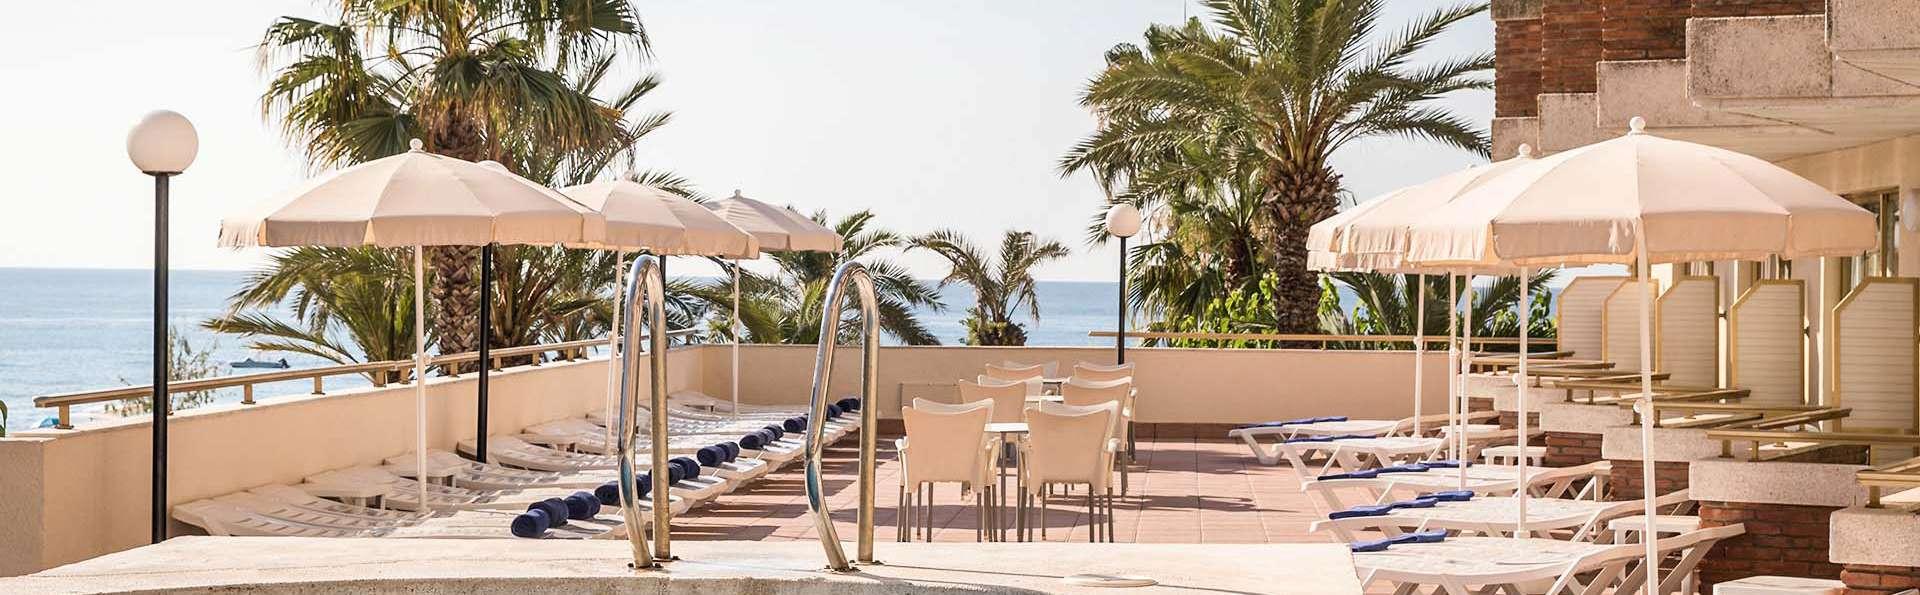 Vacaciones de verano con pensión completa en la playa de Santa Susana